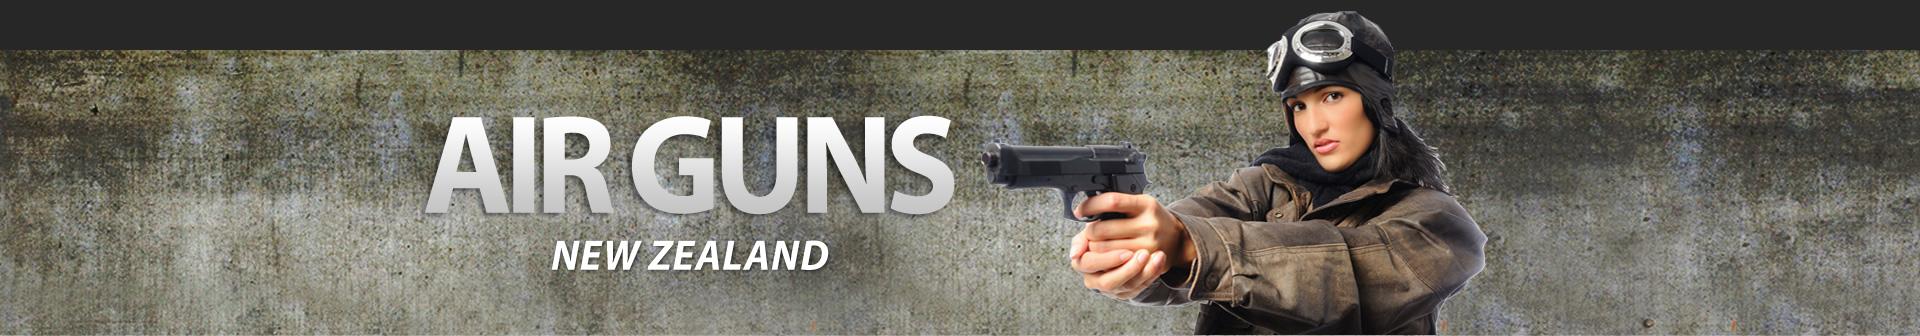 Airguns New Zealand